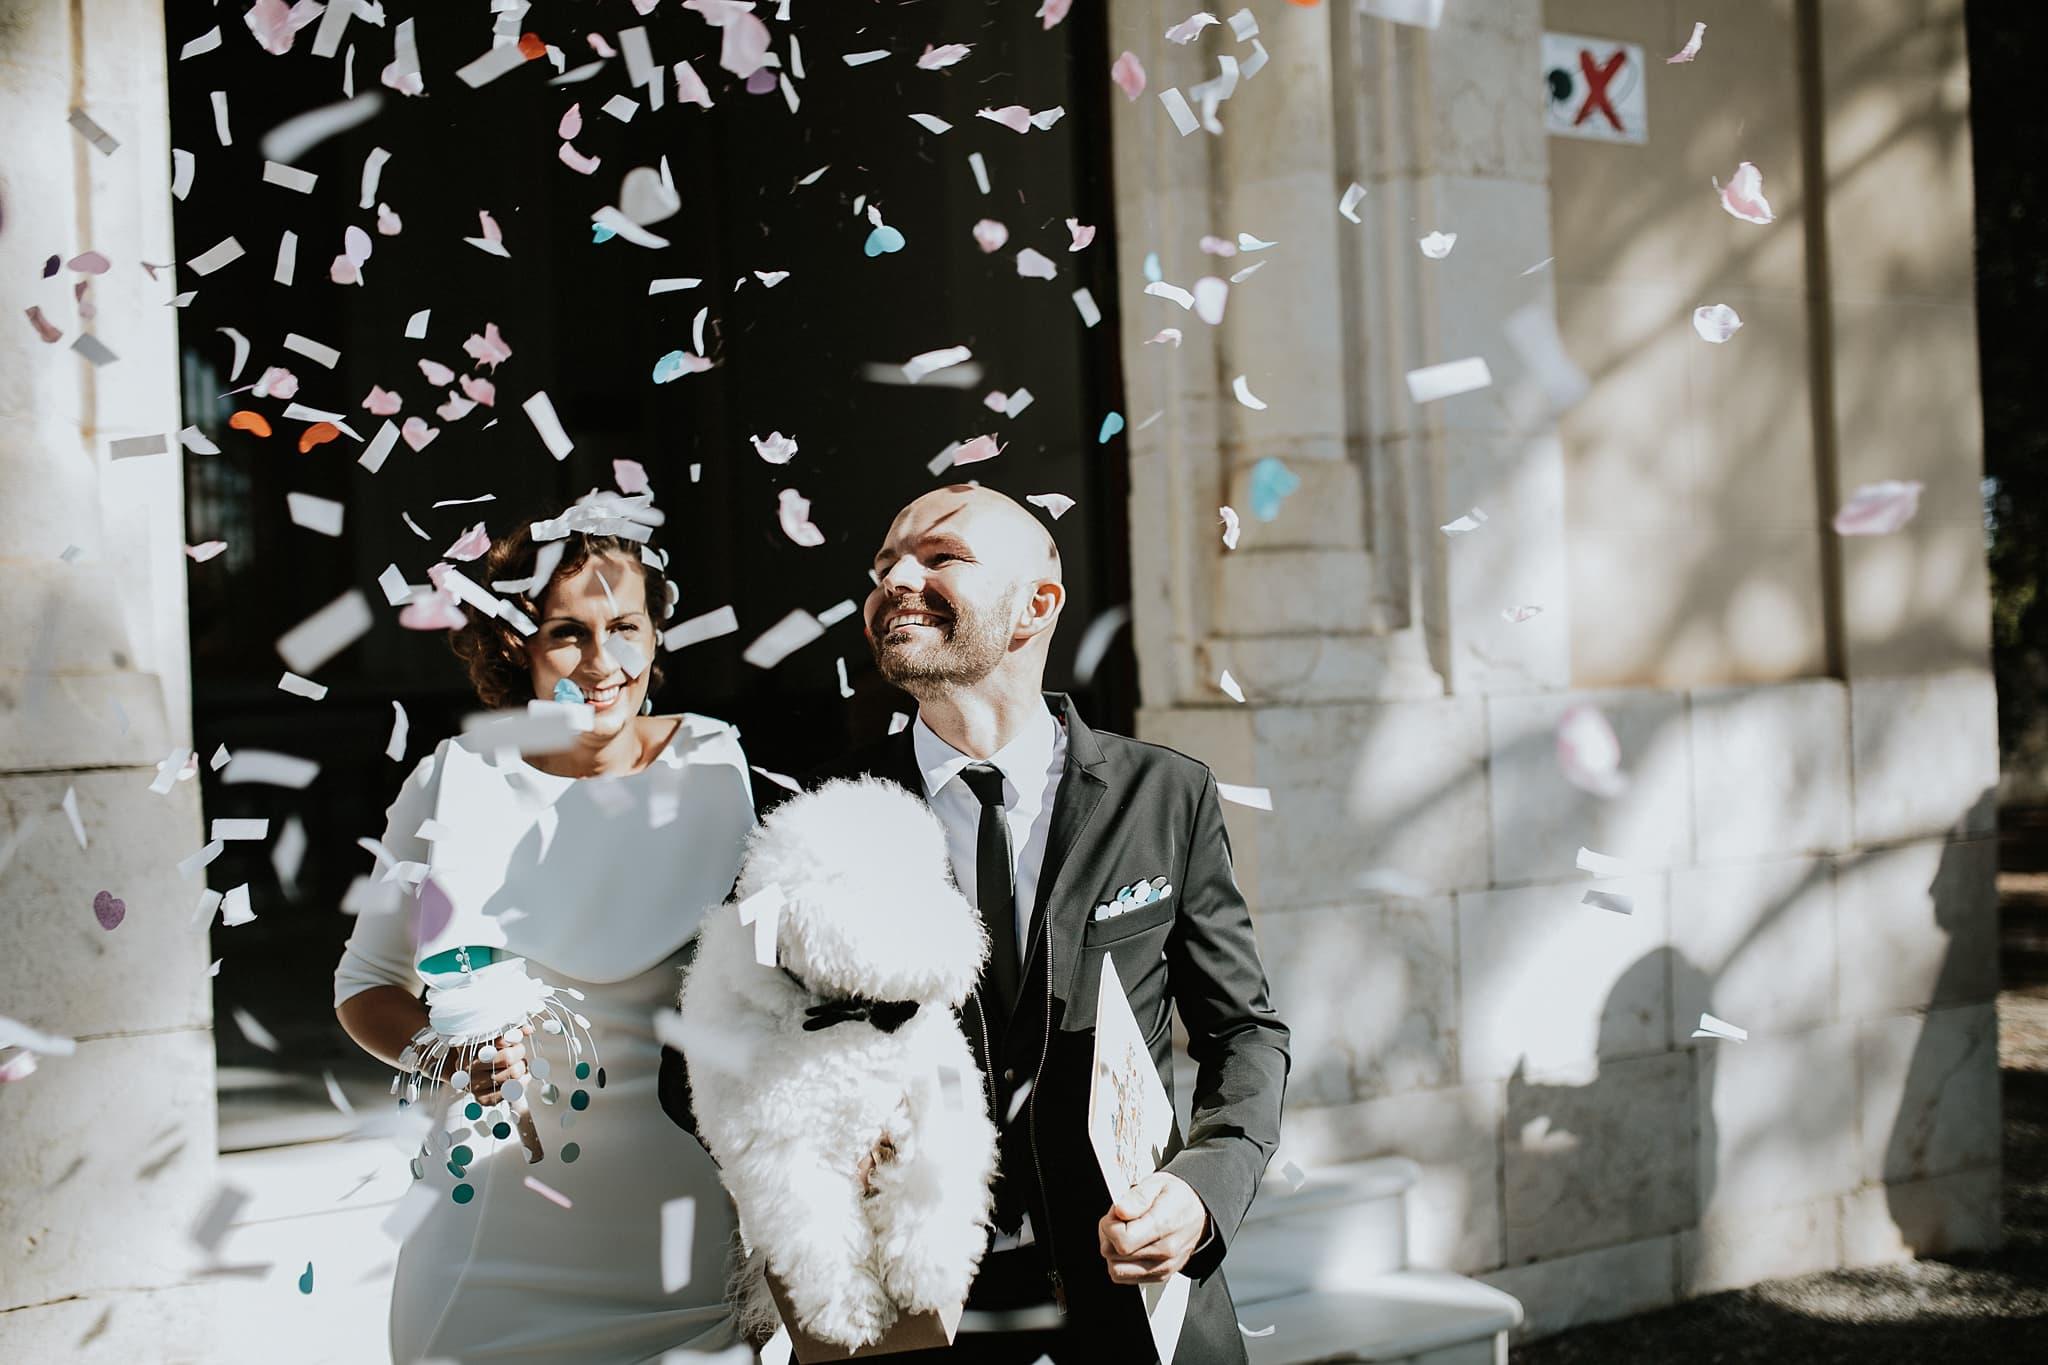 prisma-blanco-fotografia-bodas-altea-103